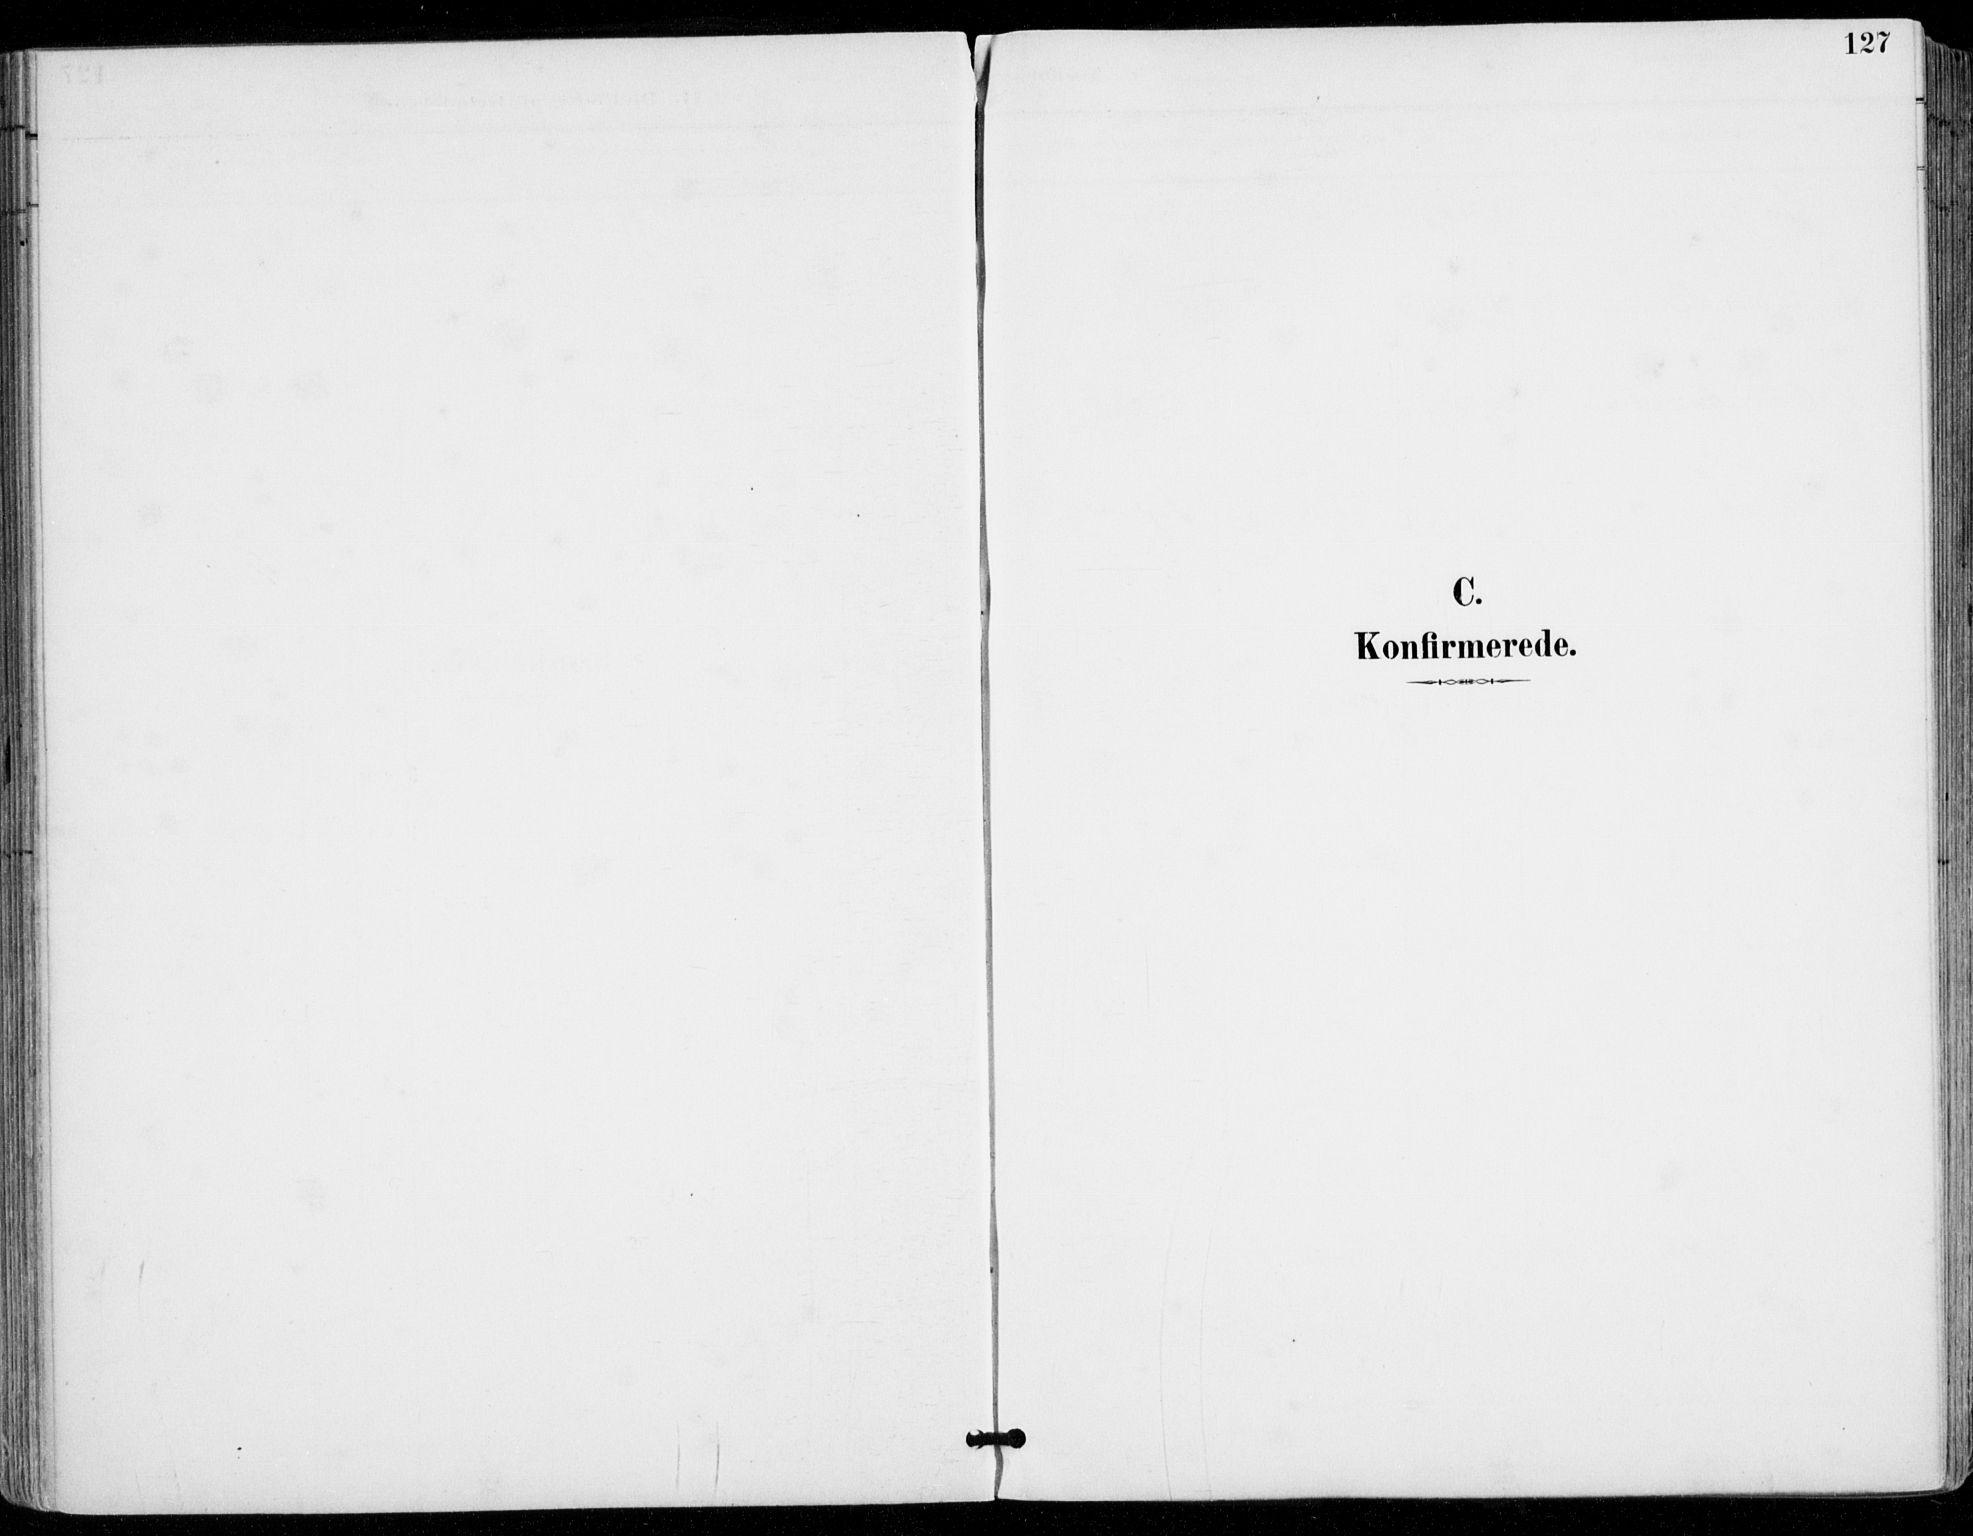 SAKO, Sylling kirkebøker, F/Fa/L0001: Ministerialbok nr. 1, 1883-1910, s. 127